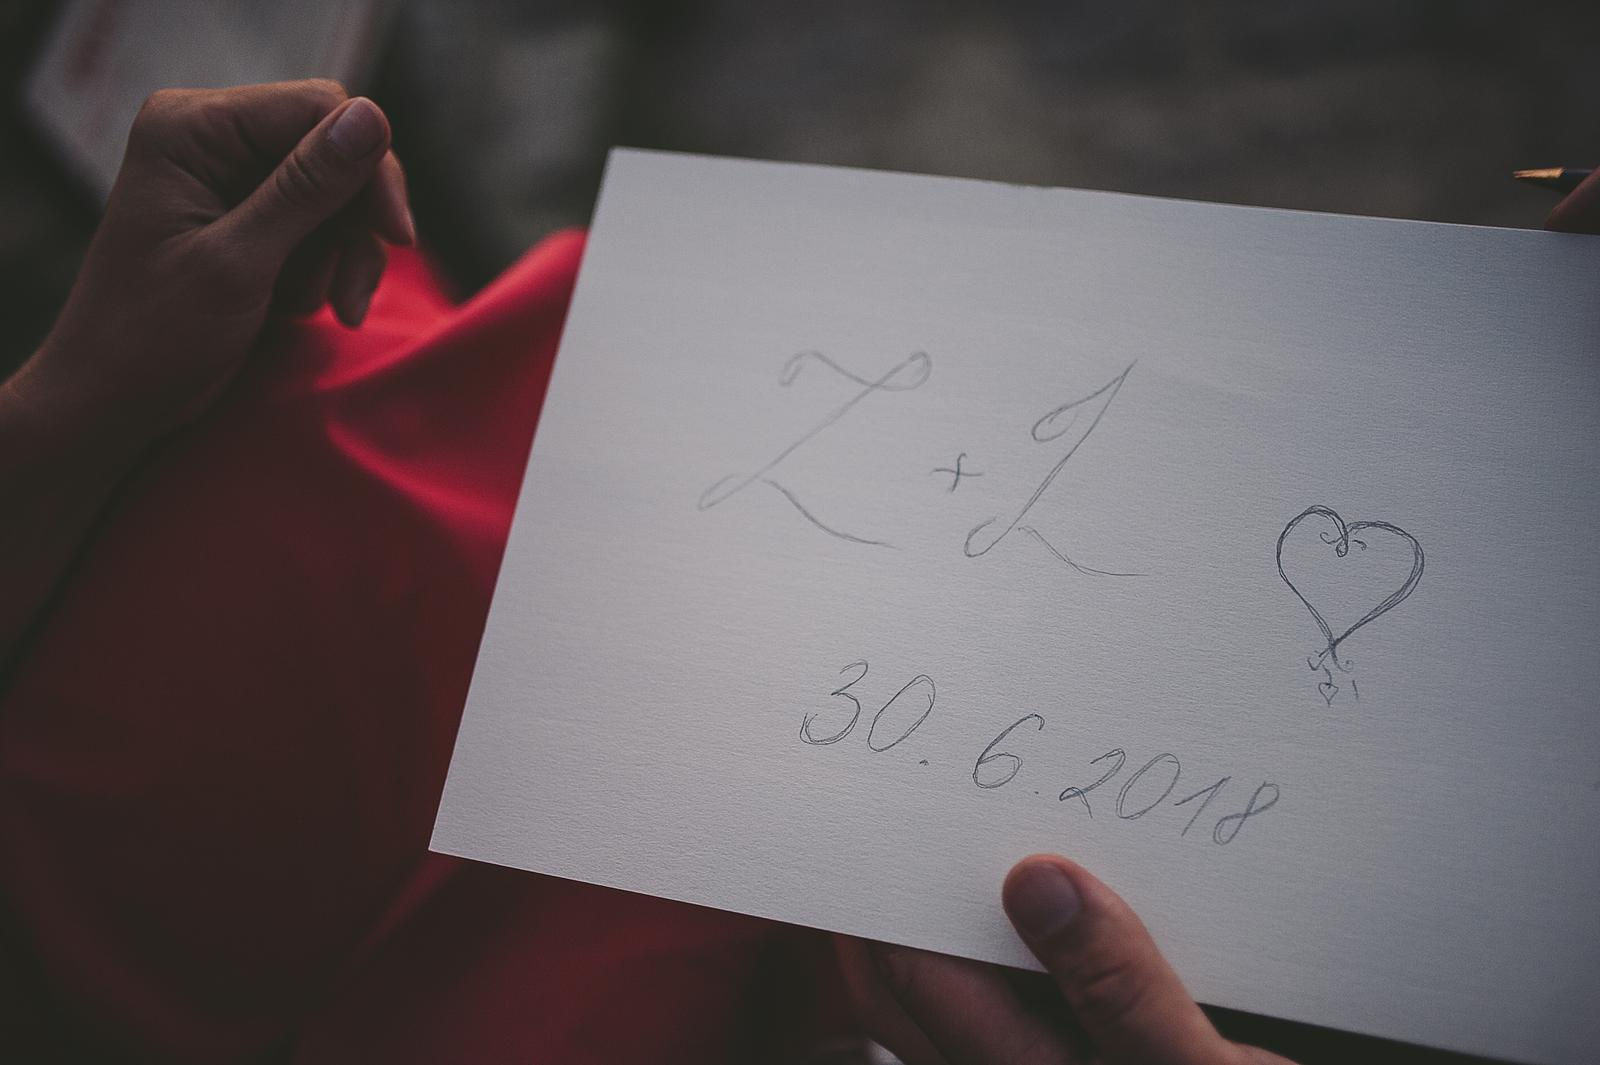 Předsvatební fotografování (foto-rande) - Obrázek č. 3